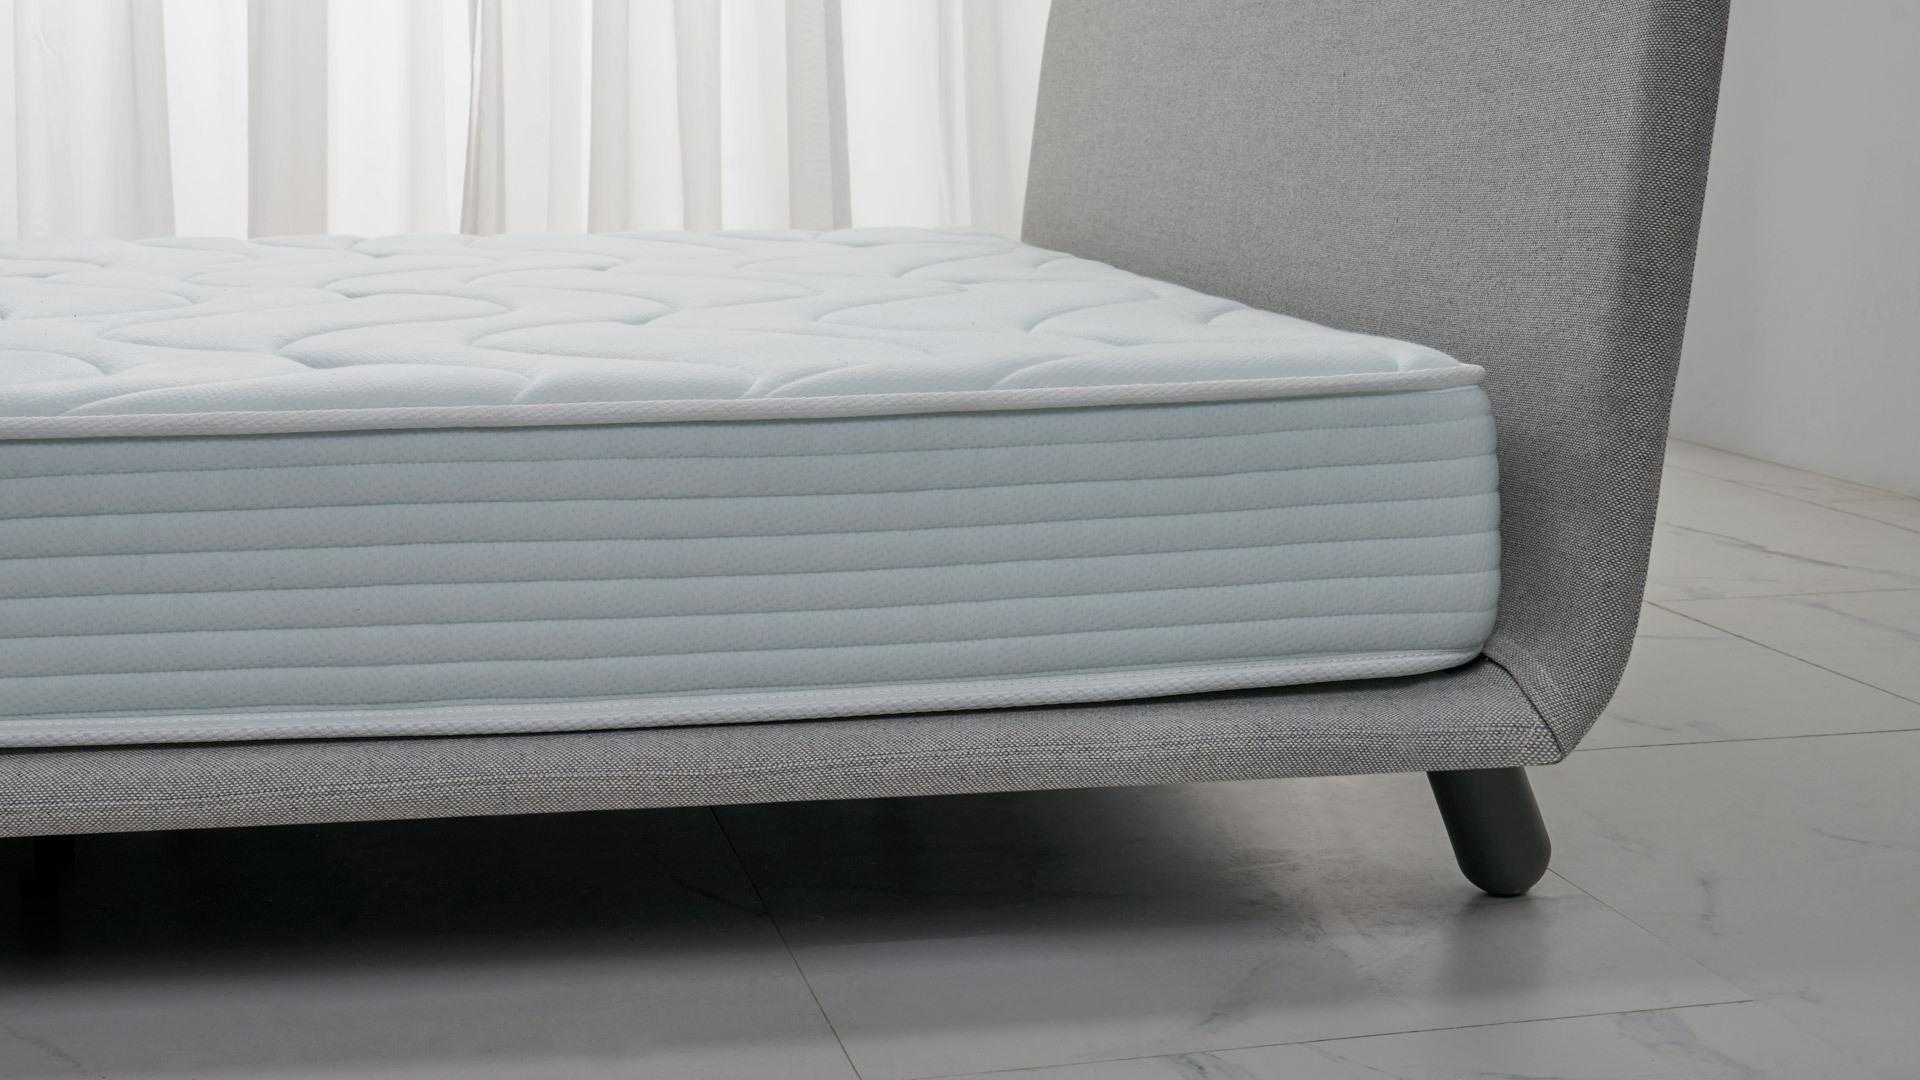 18cm厚度<br/>偏硬睡感,给脊柱更多支撑